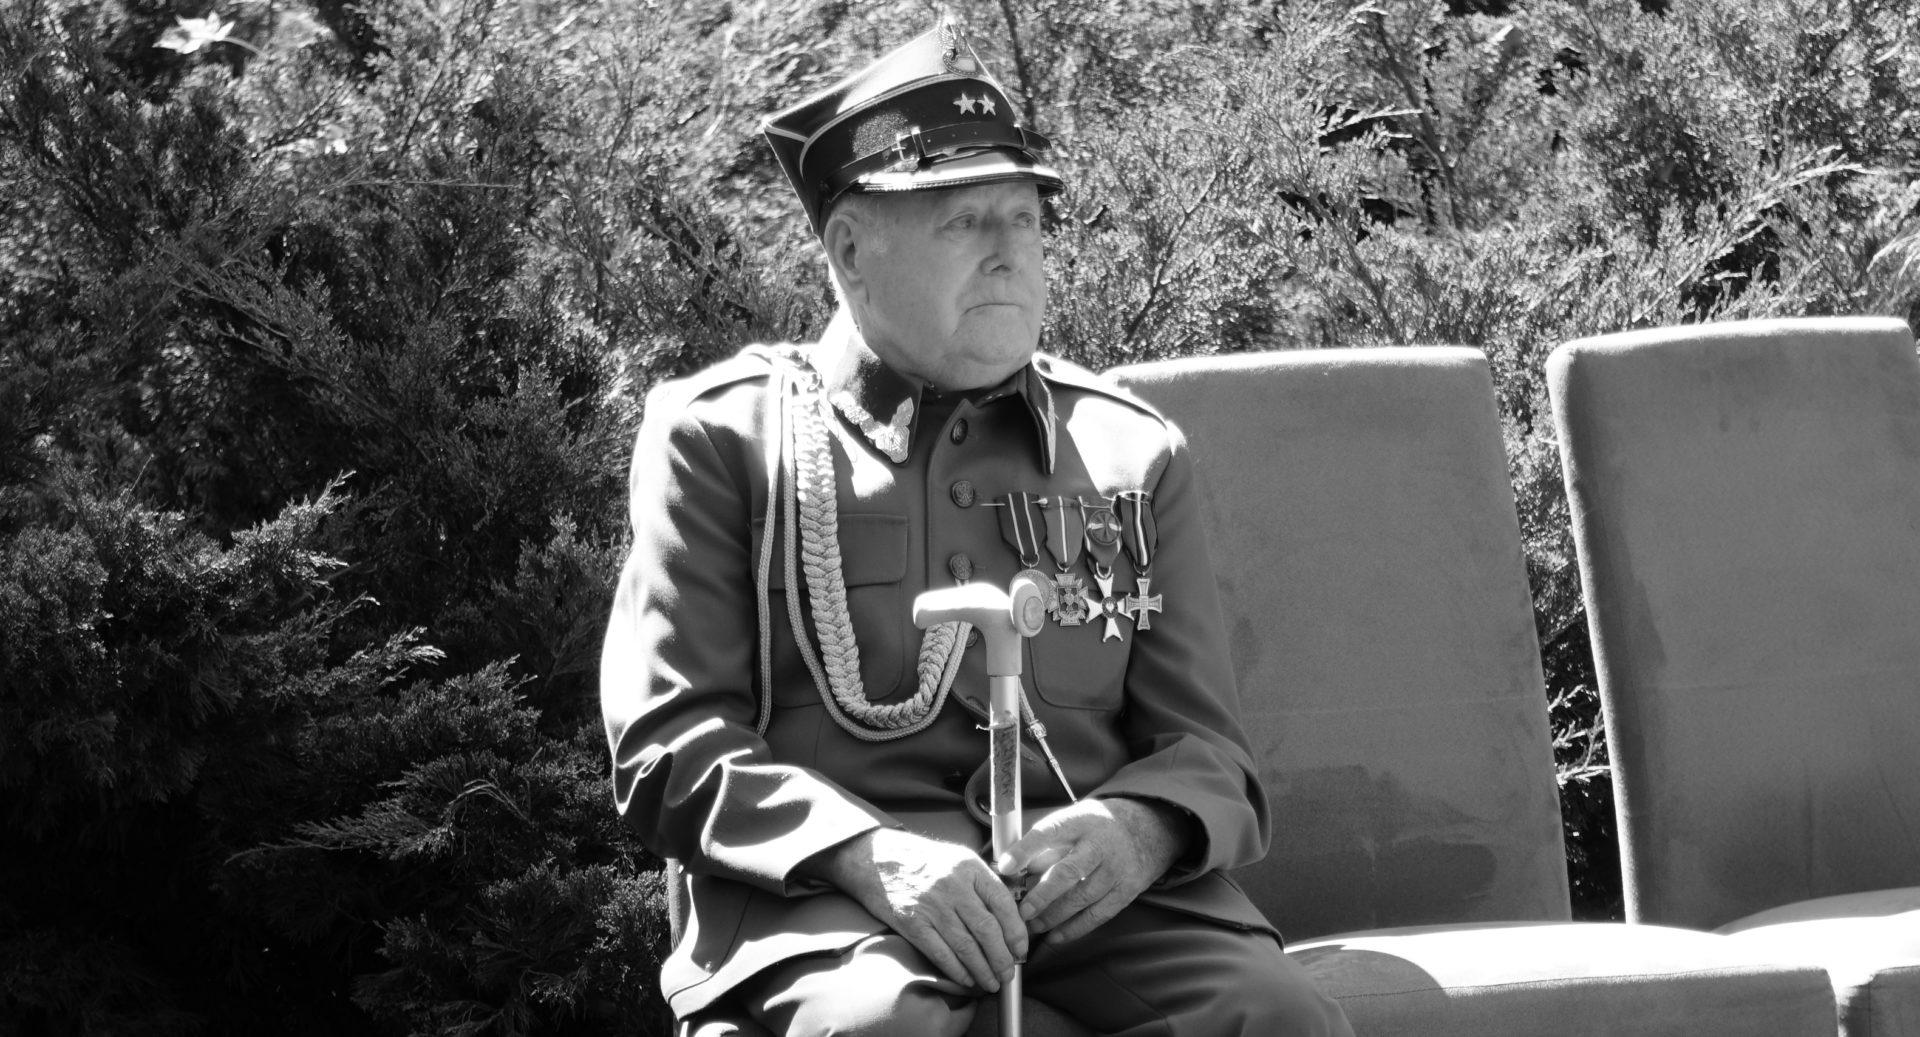 Odszedł Wacław Staszyński – jeden z ostatnich Wyklętych